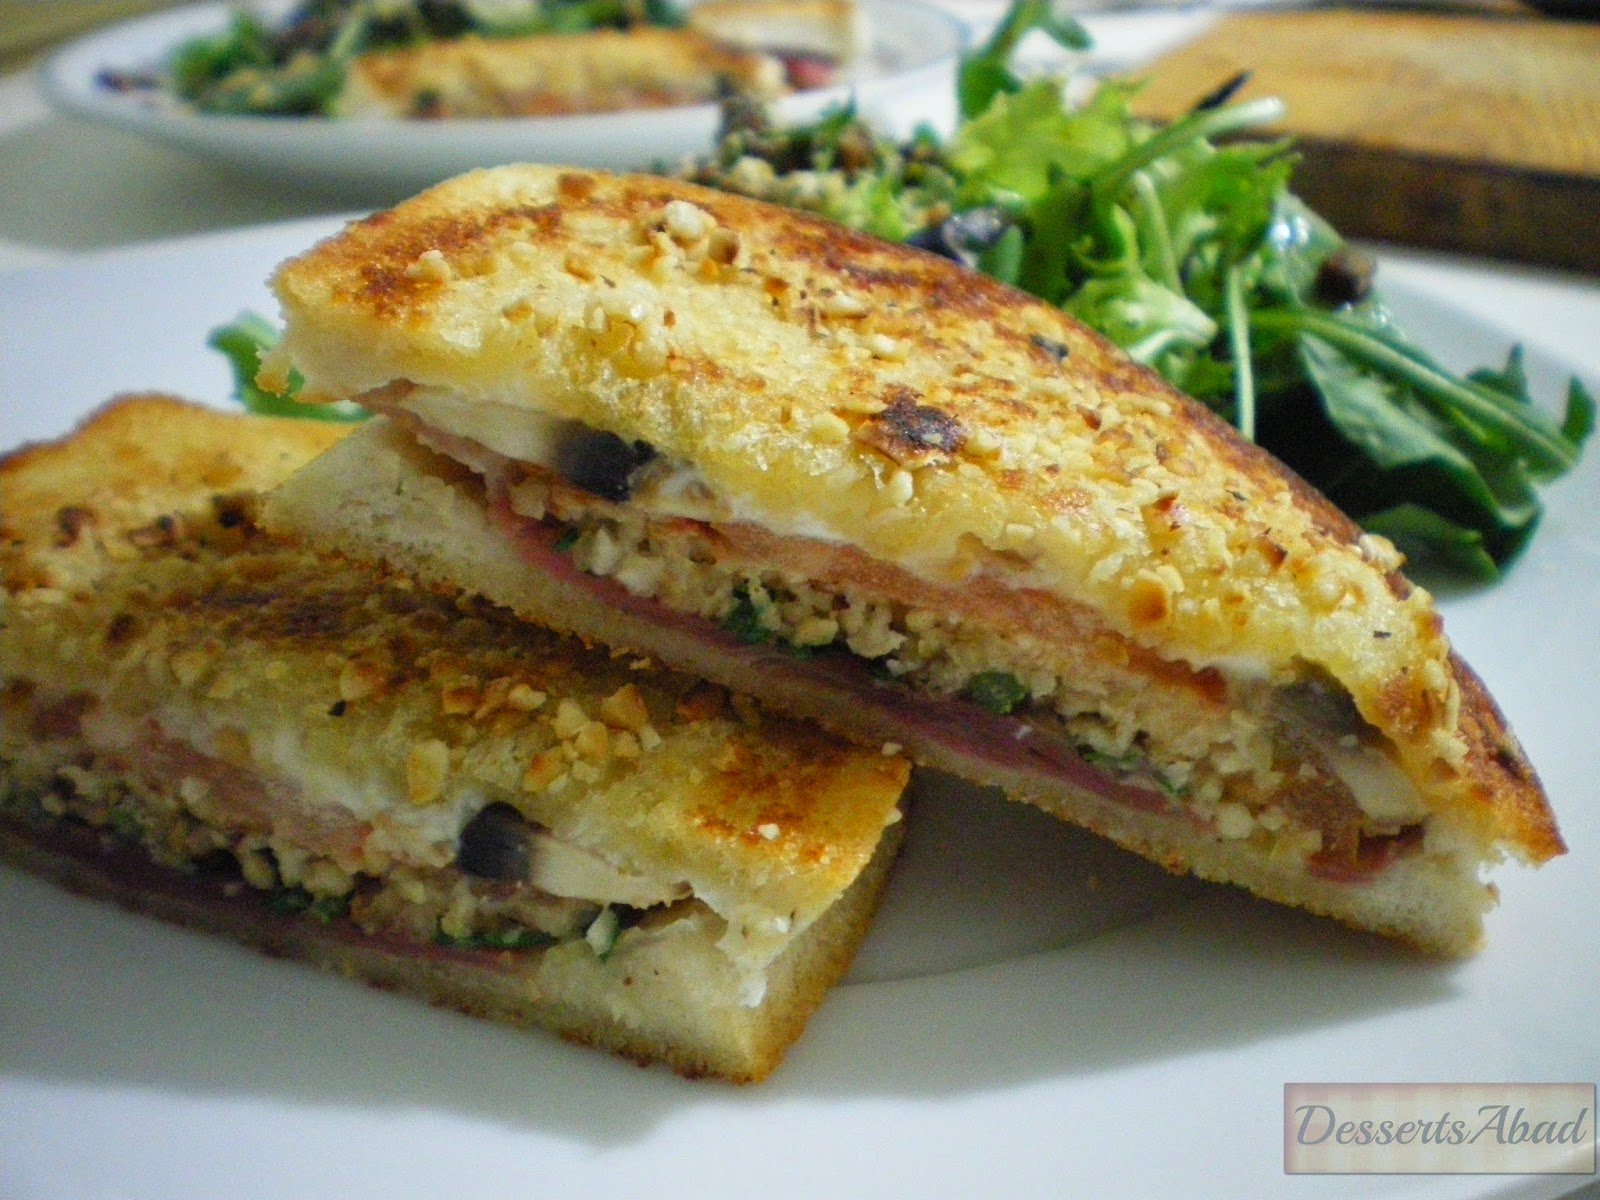 Sándwich de champis y avellanas